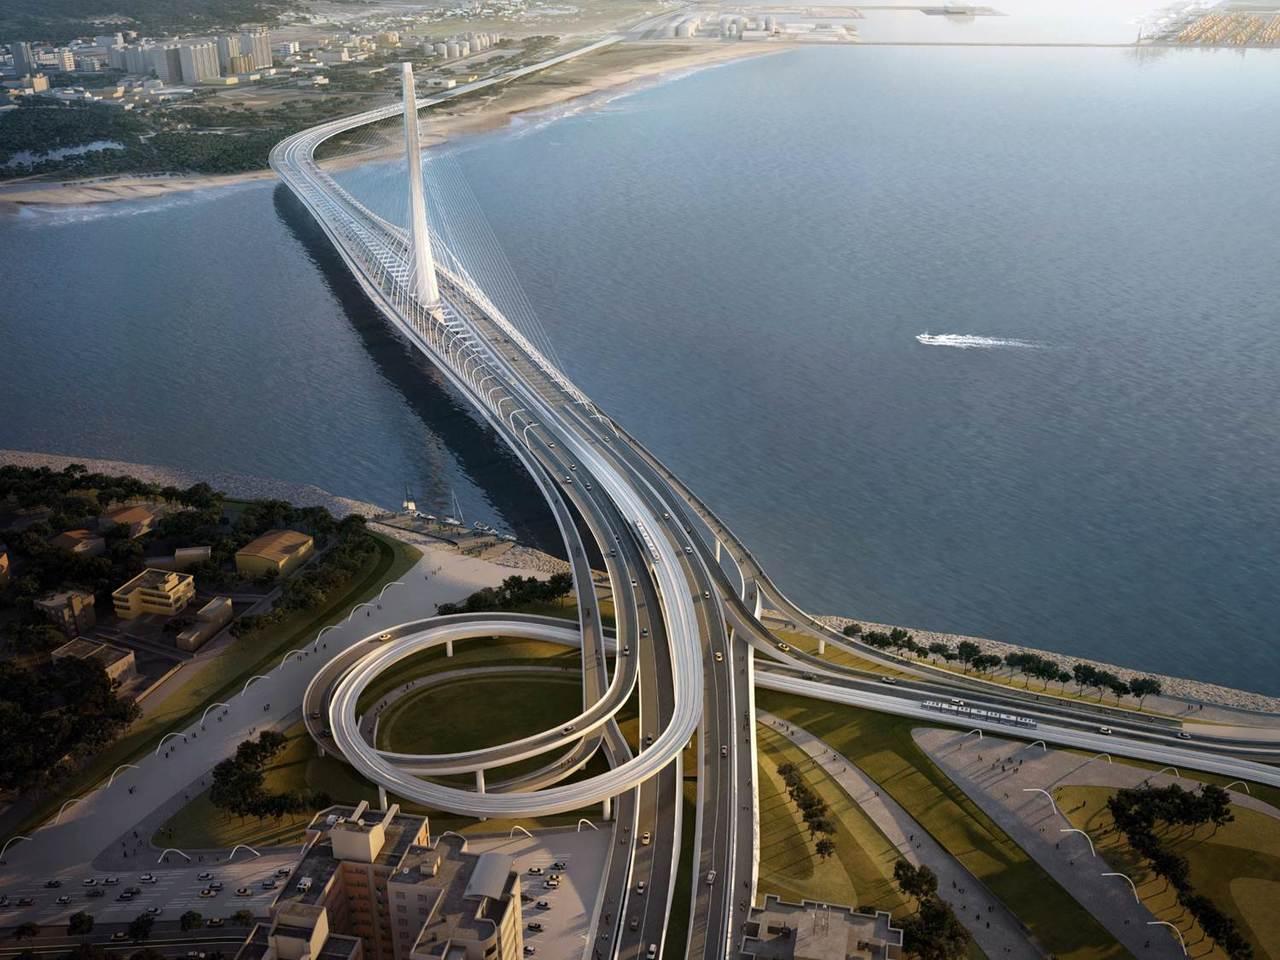 淡江大橋完工模擬圖,完工後預計會改善當地交通壅塞情況。圖/新北市交通局提供